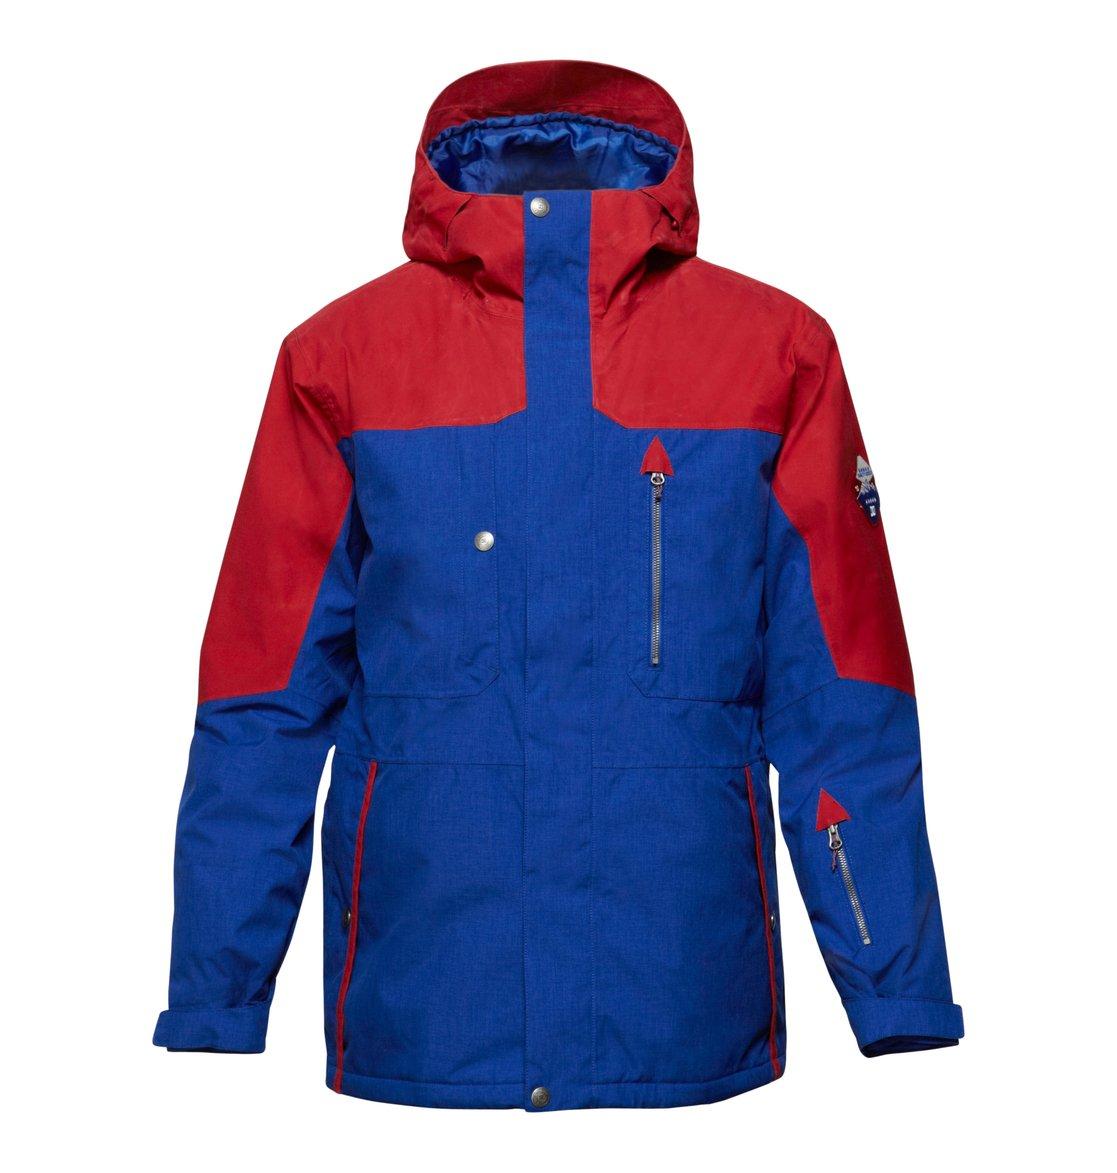 Купить Куртки для сноуборда   Ranger 15